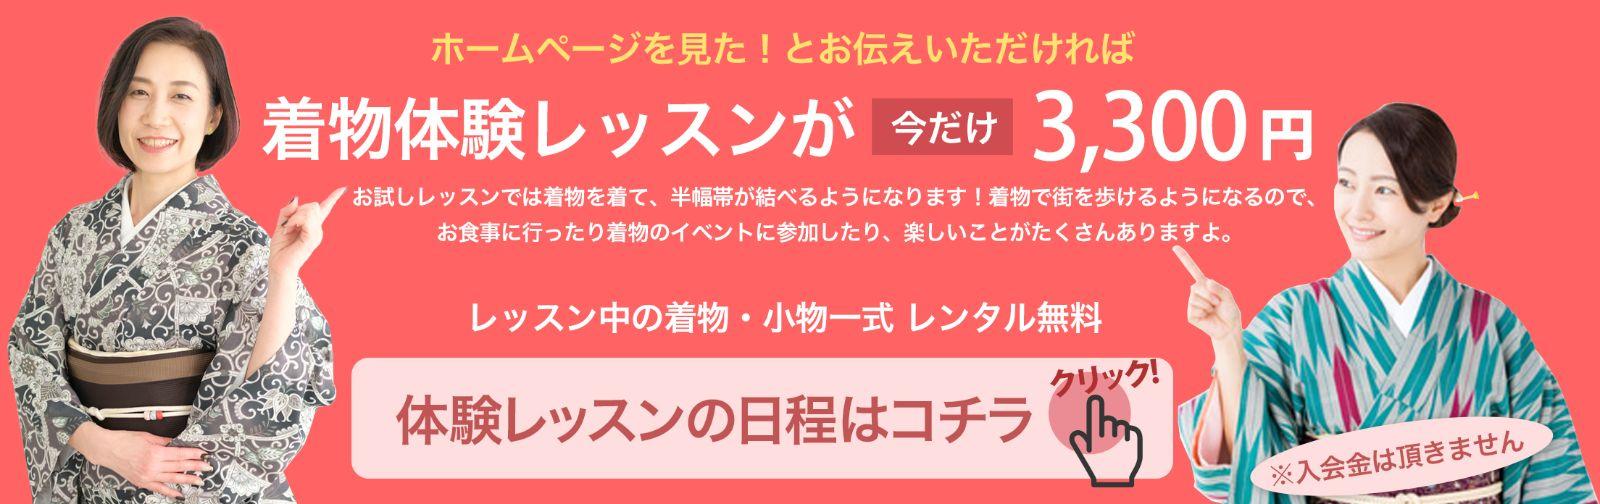 渋谷区千駄ヶ谷・代々木の着付け教室キモノサリー_体験レッスン